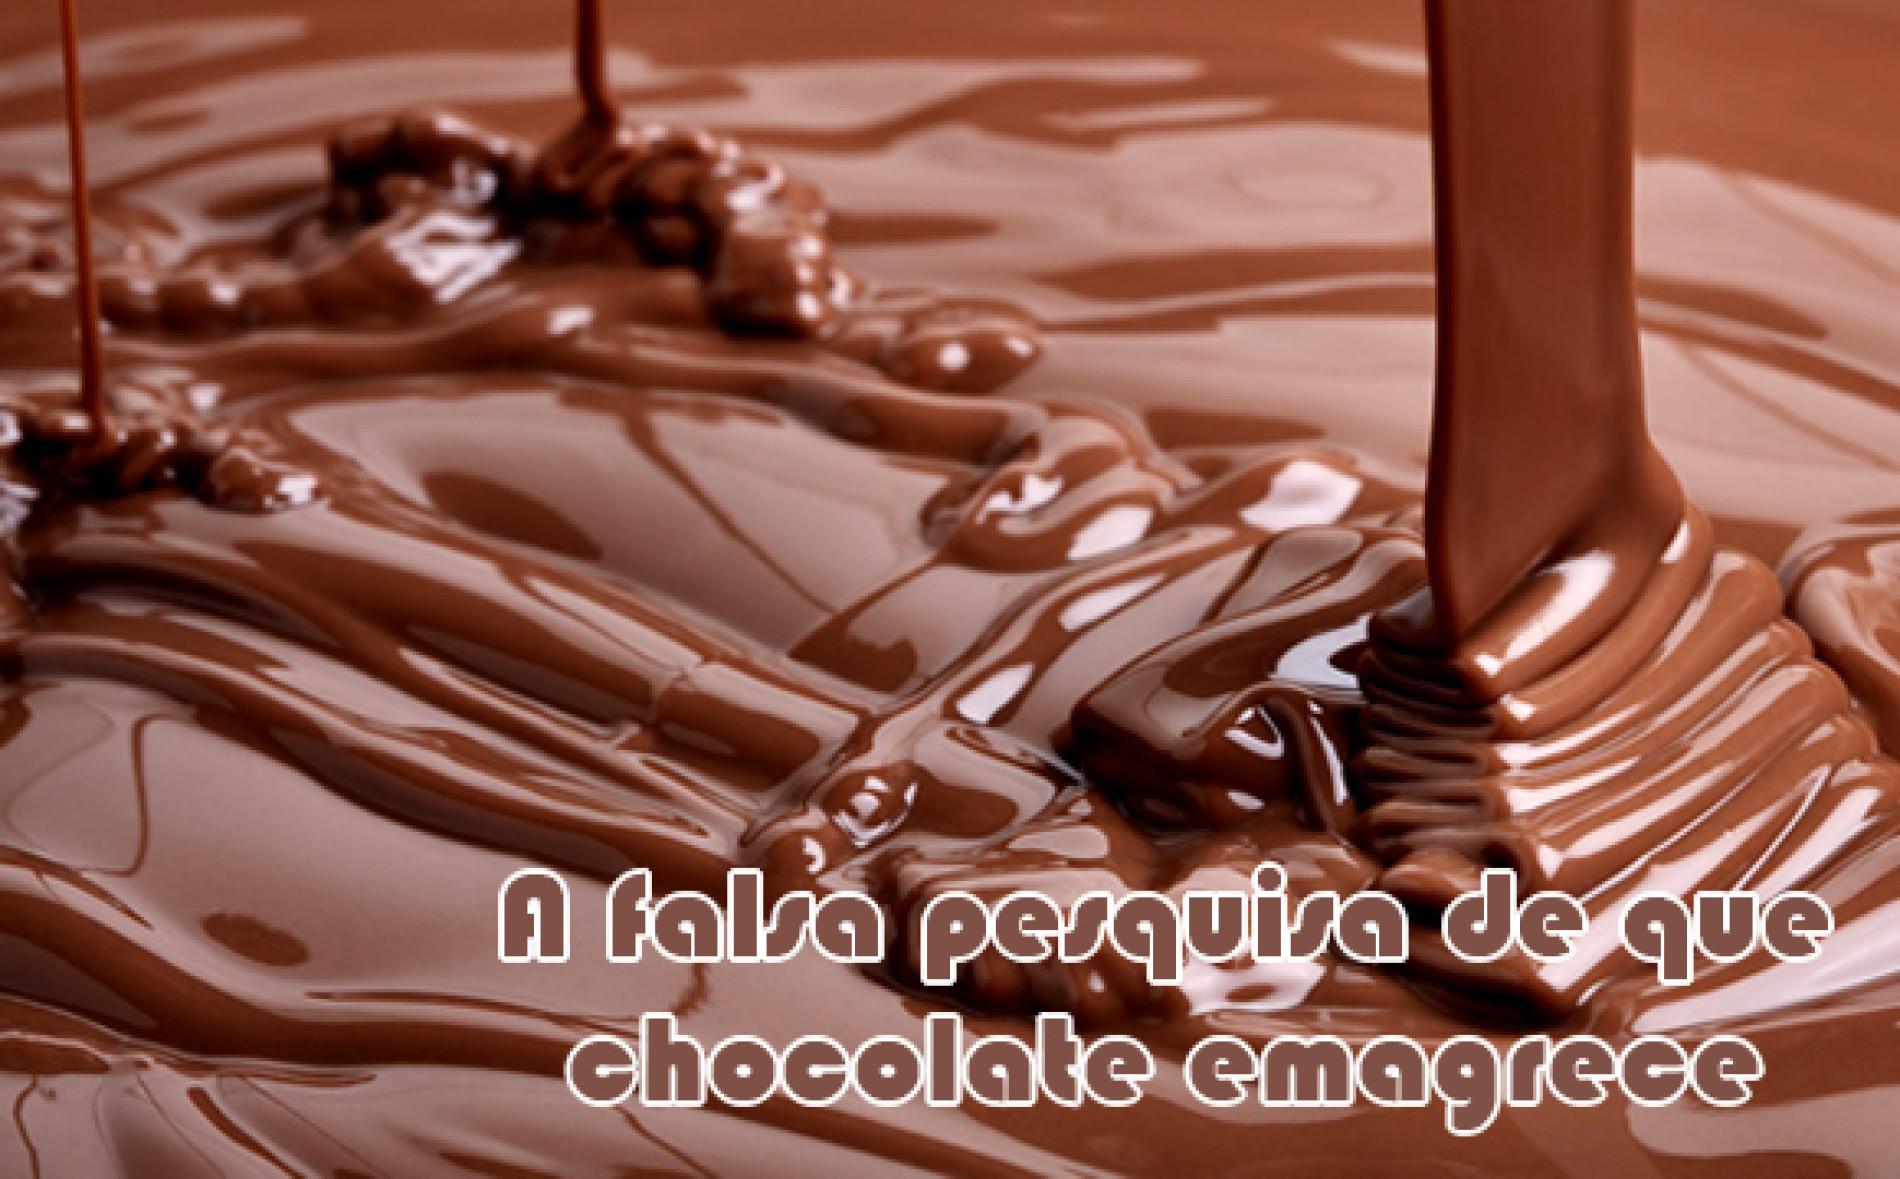 Chocolate emagrece? Estudo dizia que sim, mas era uma farsa!